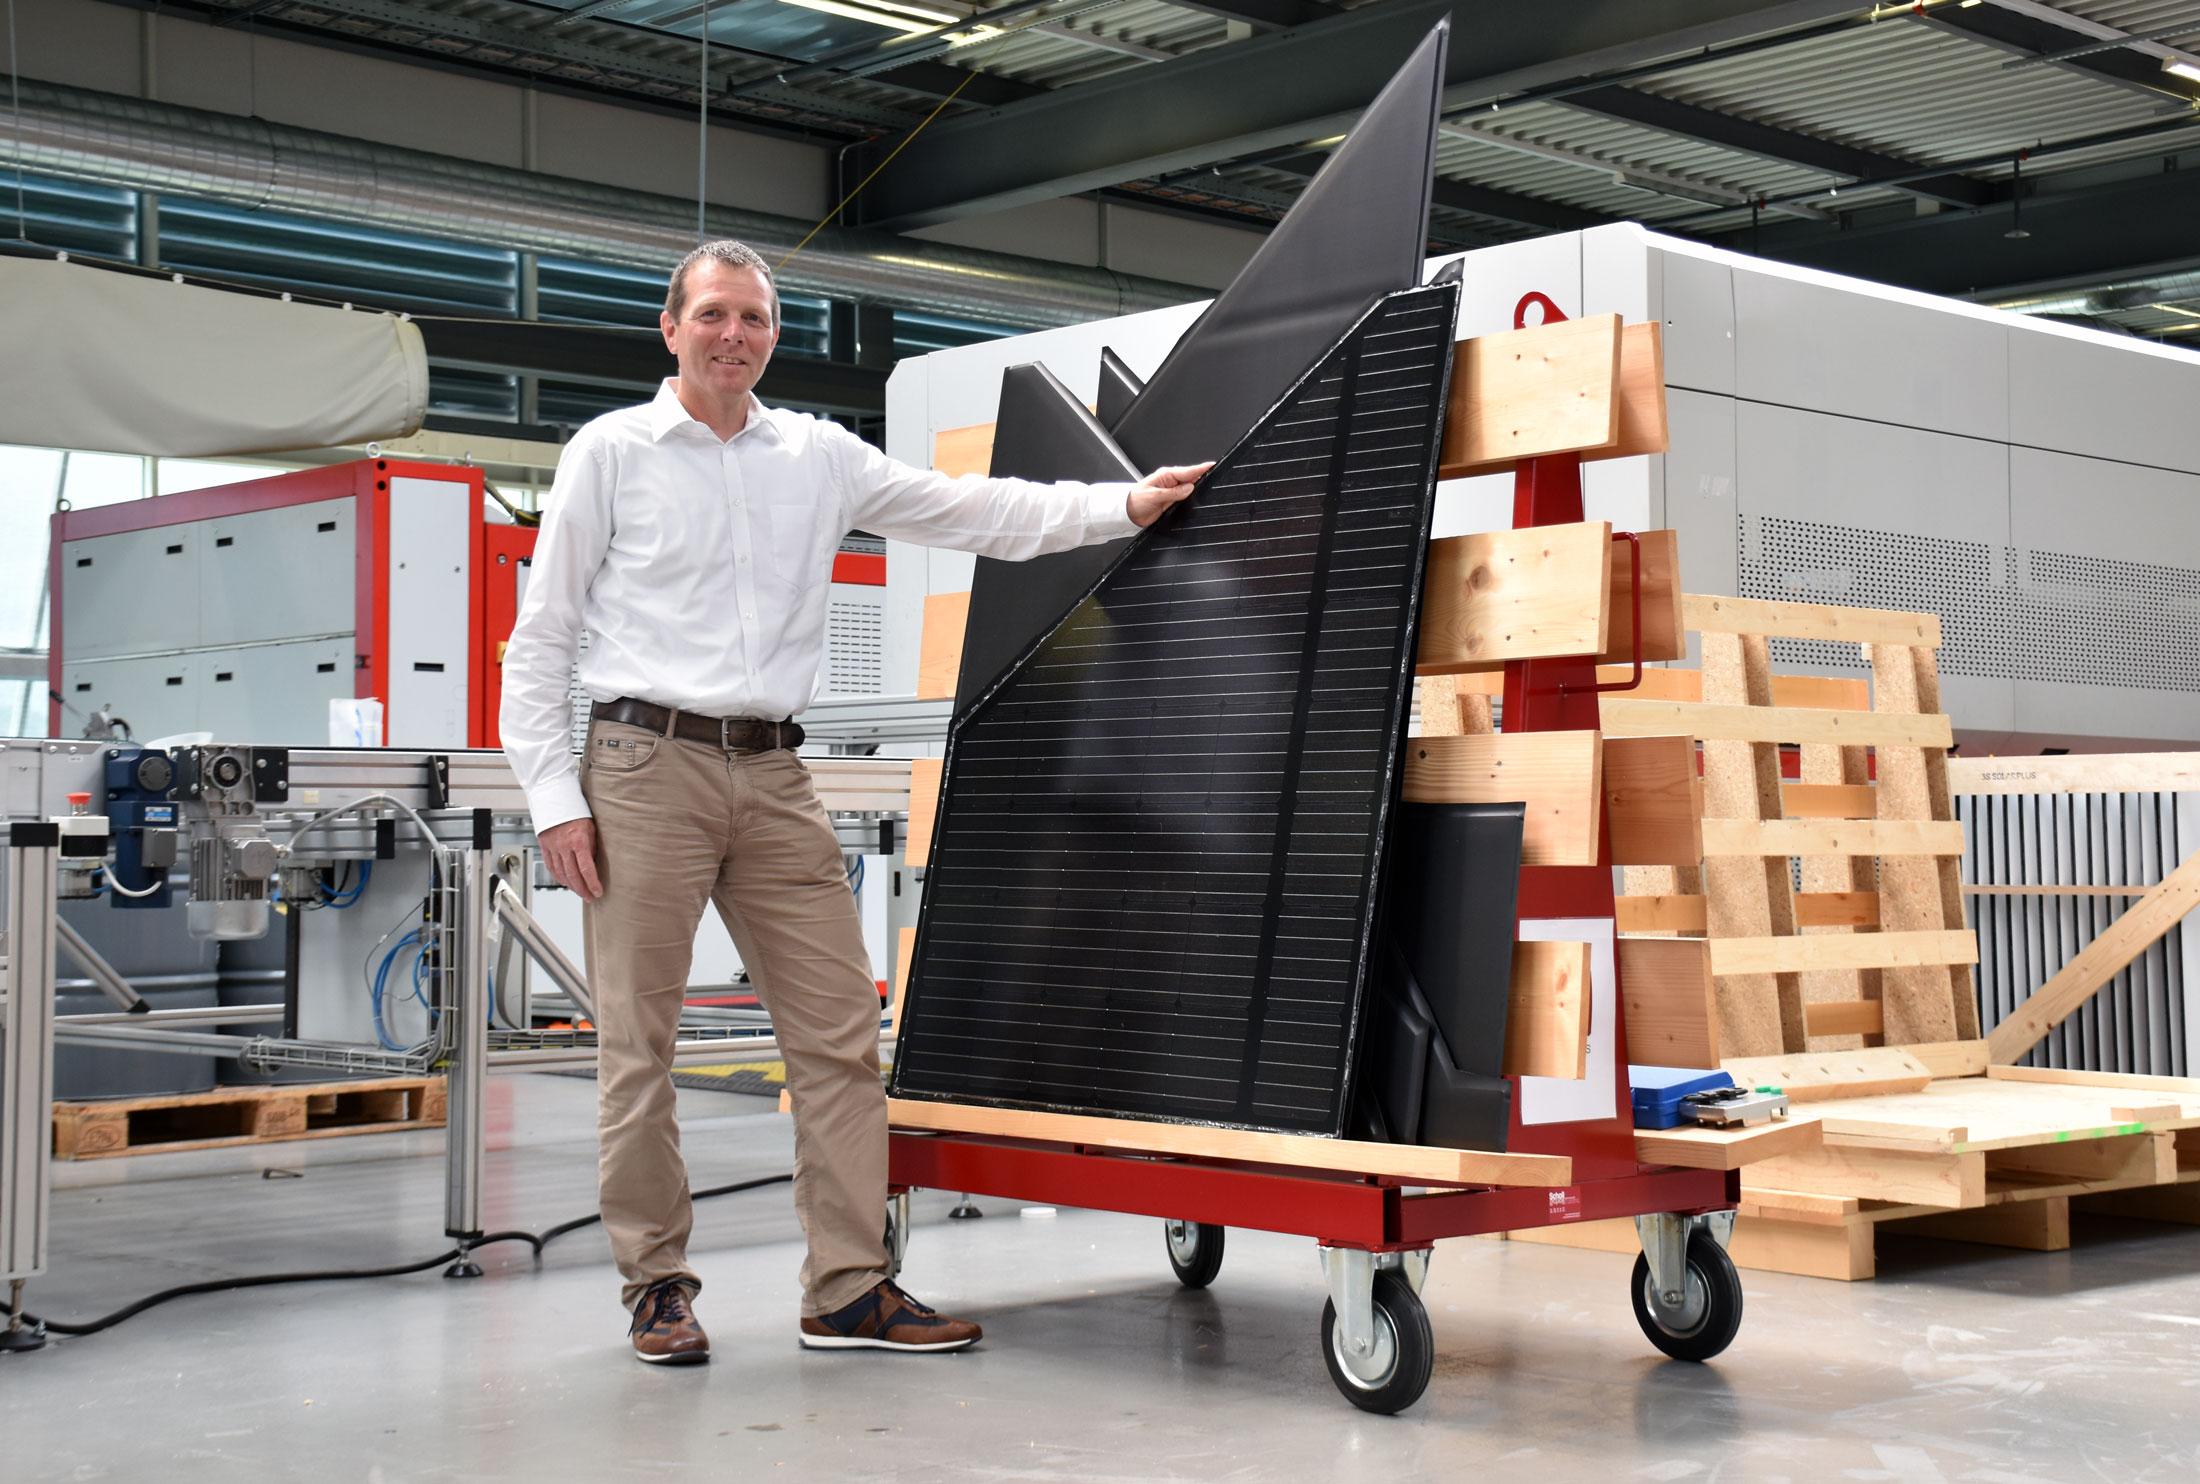 Dominik Studer steht vor einem Rollwagen mit MegaSlate CREA Modulen